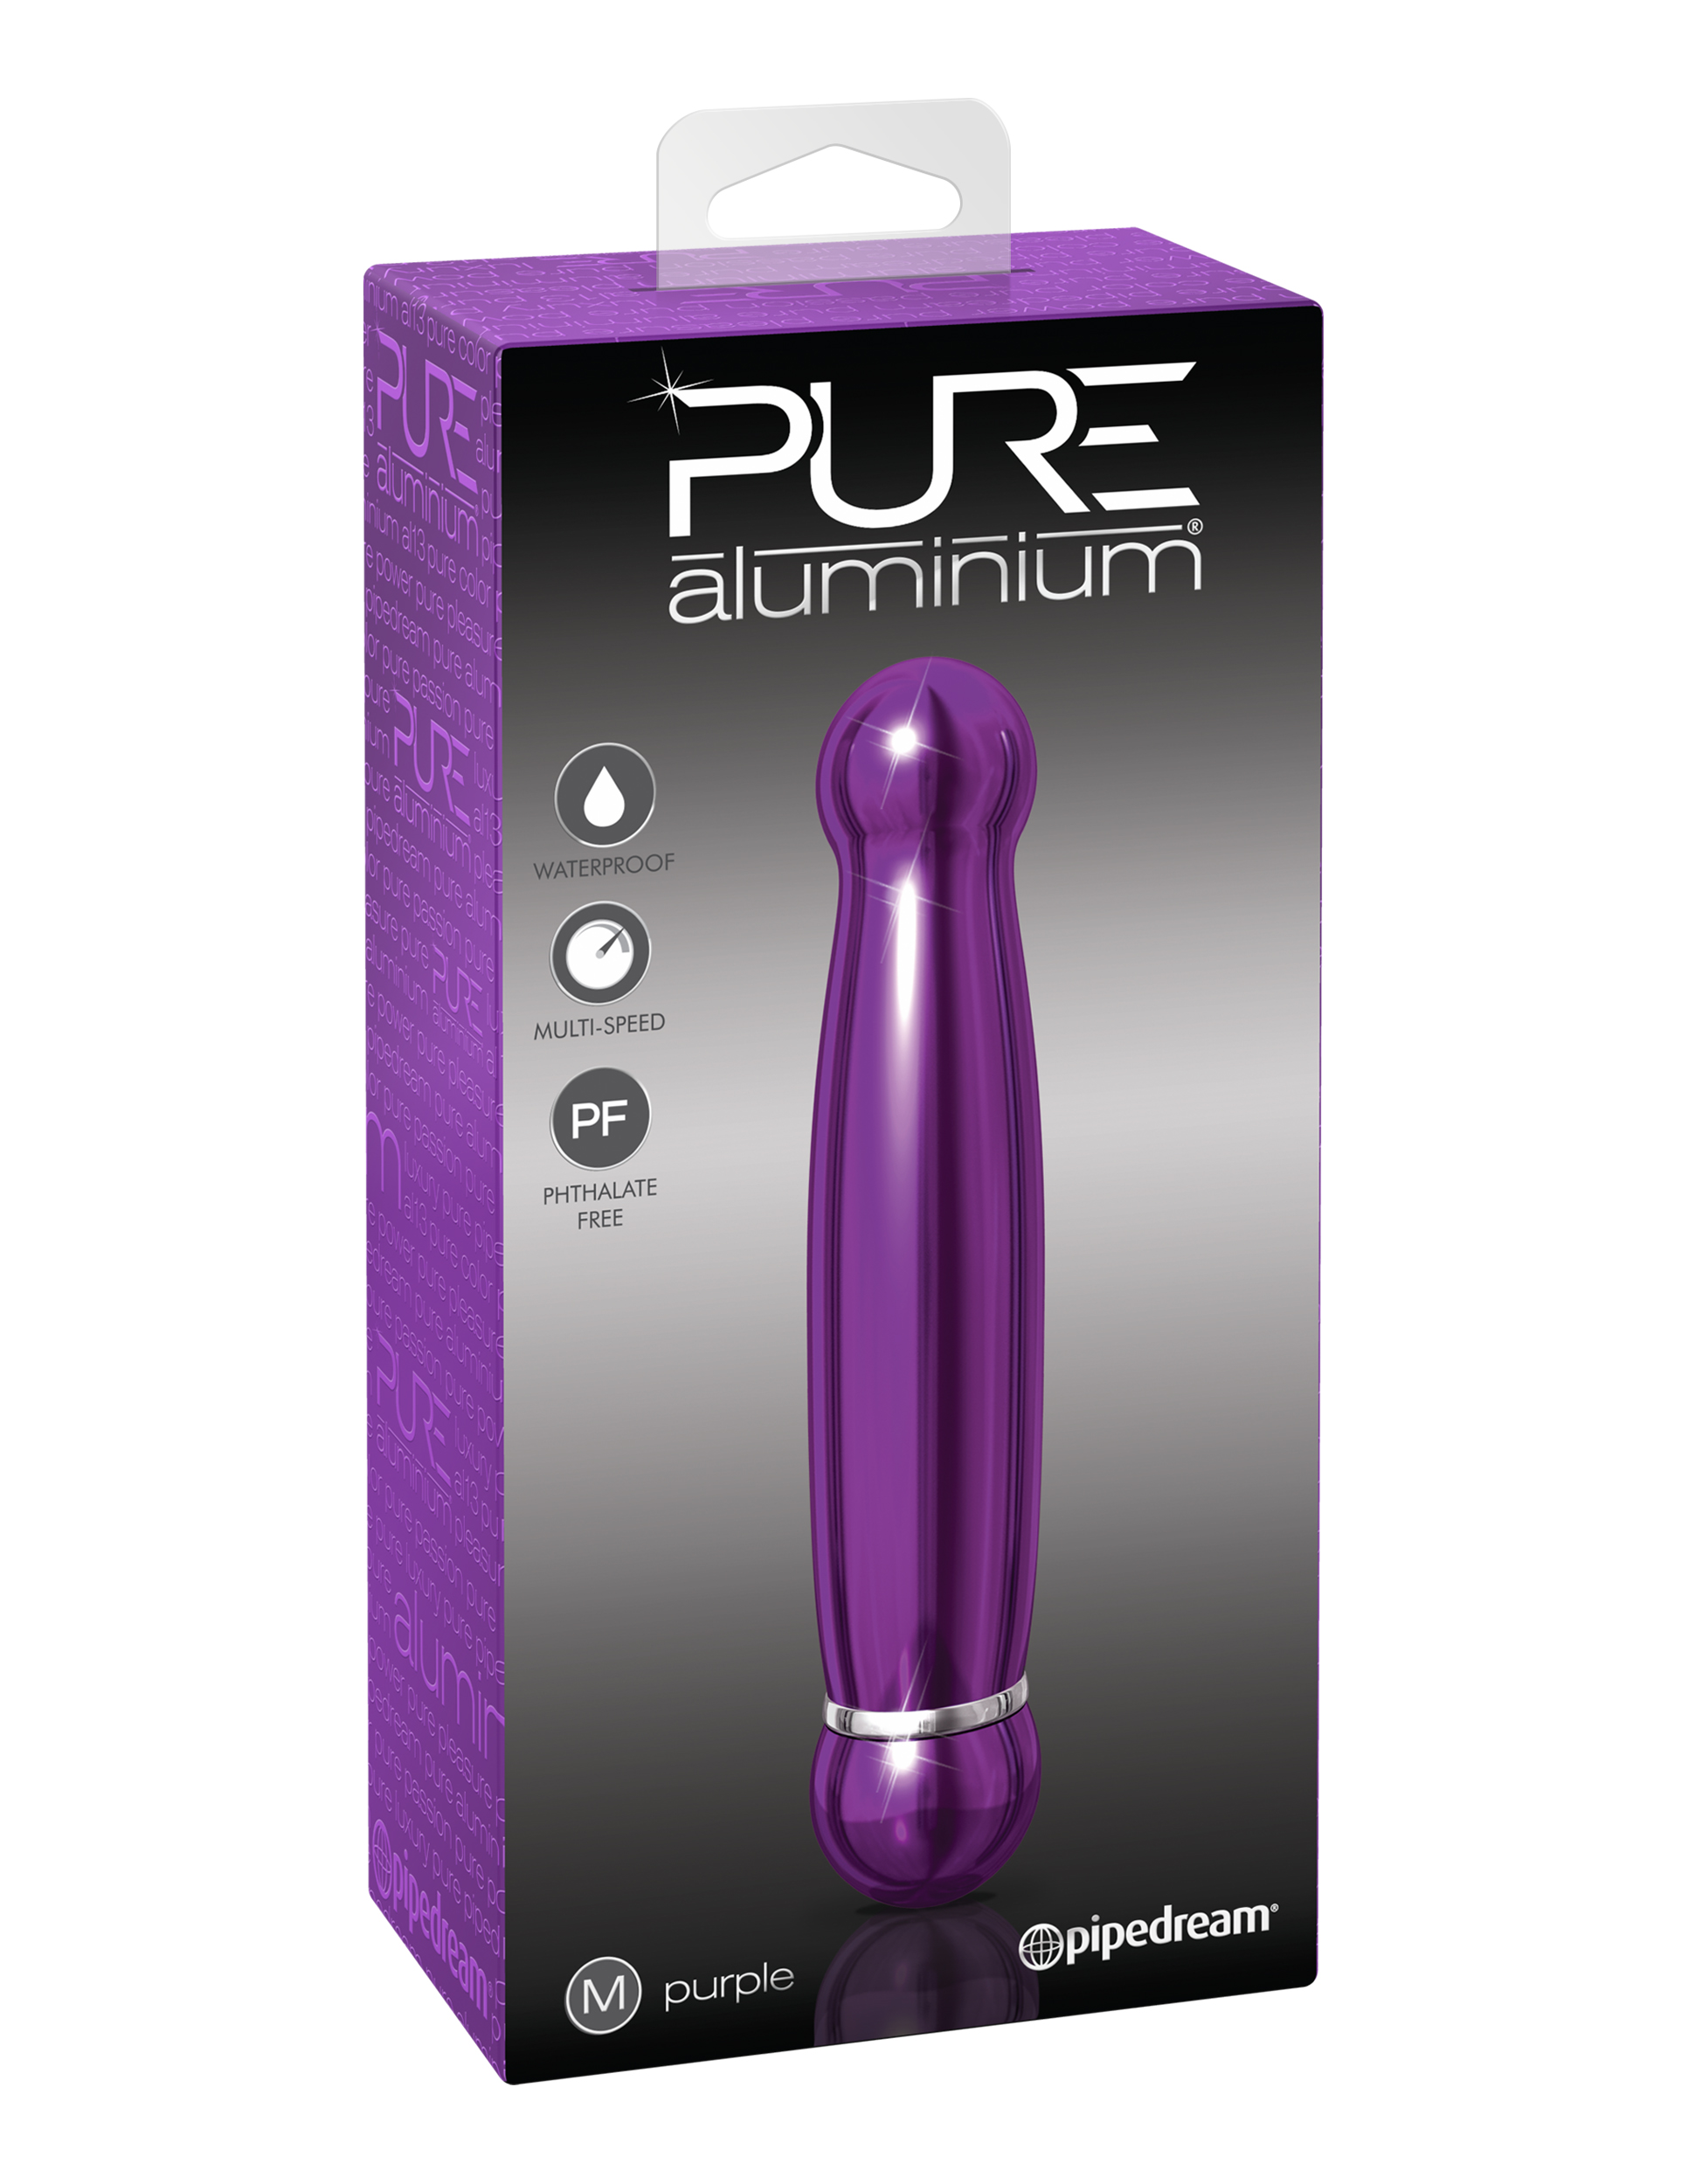 Image of PURE aluminium - purple medium